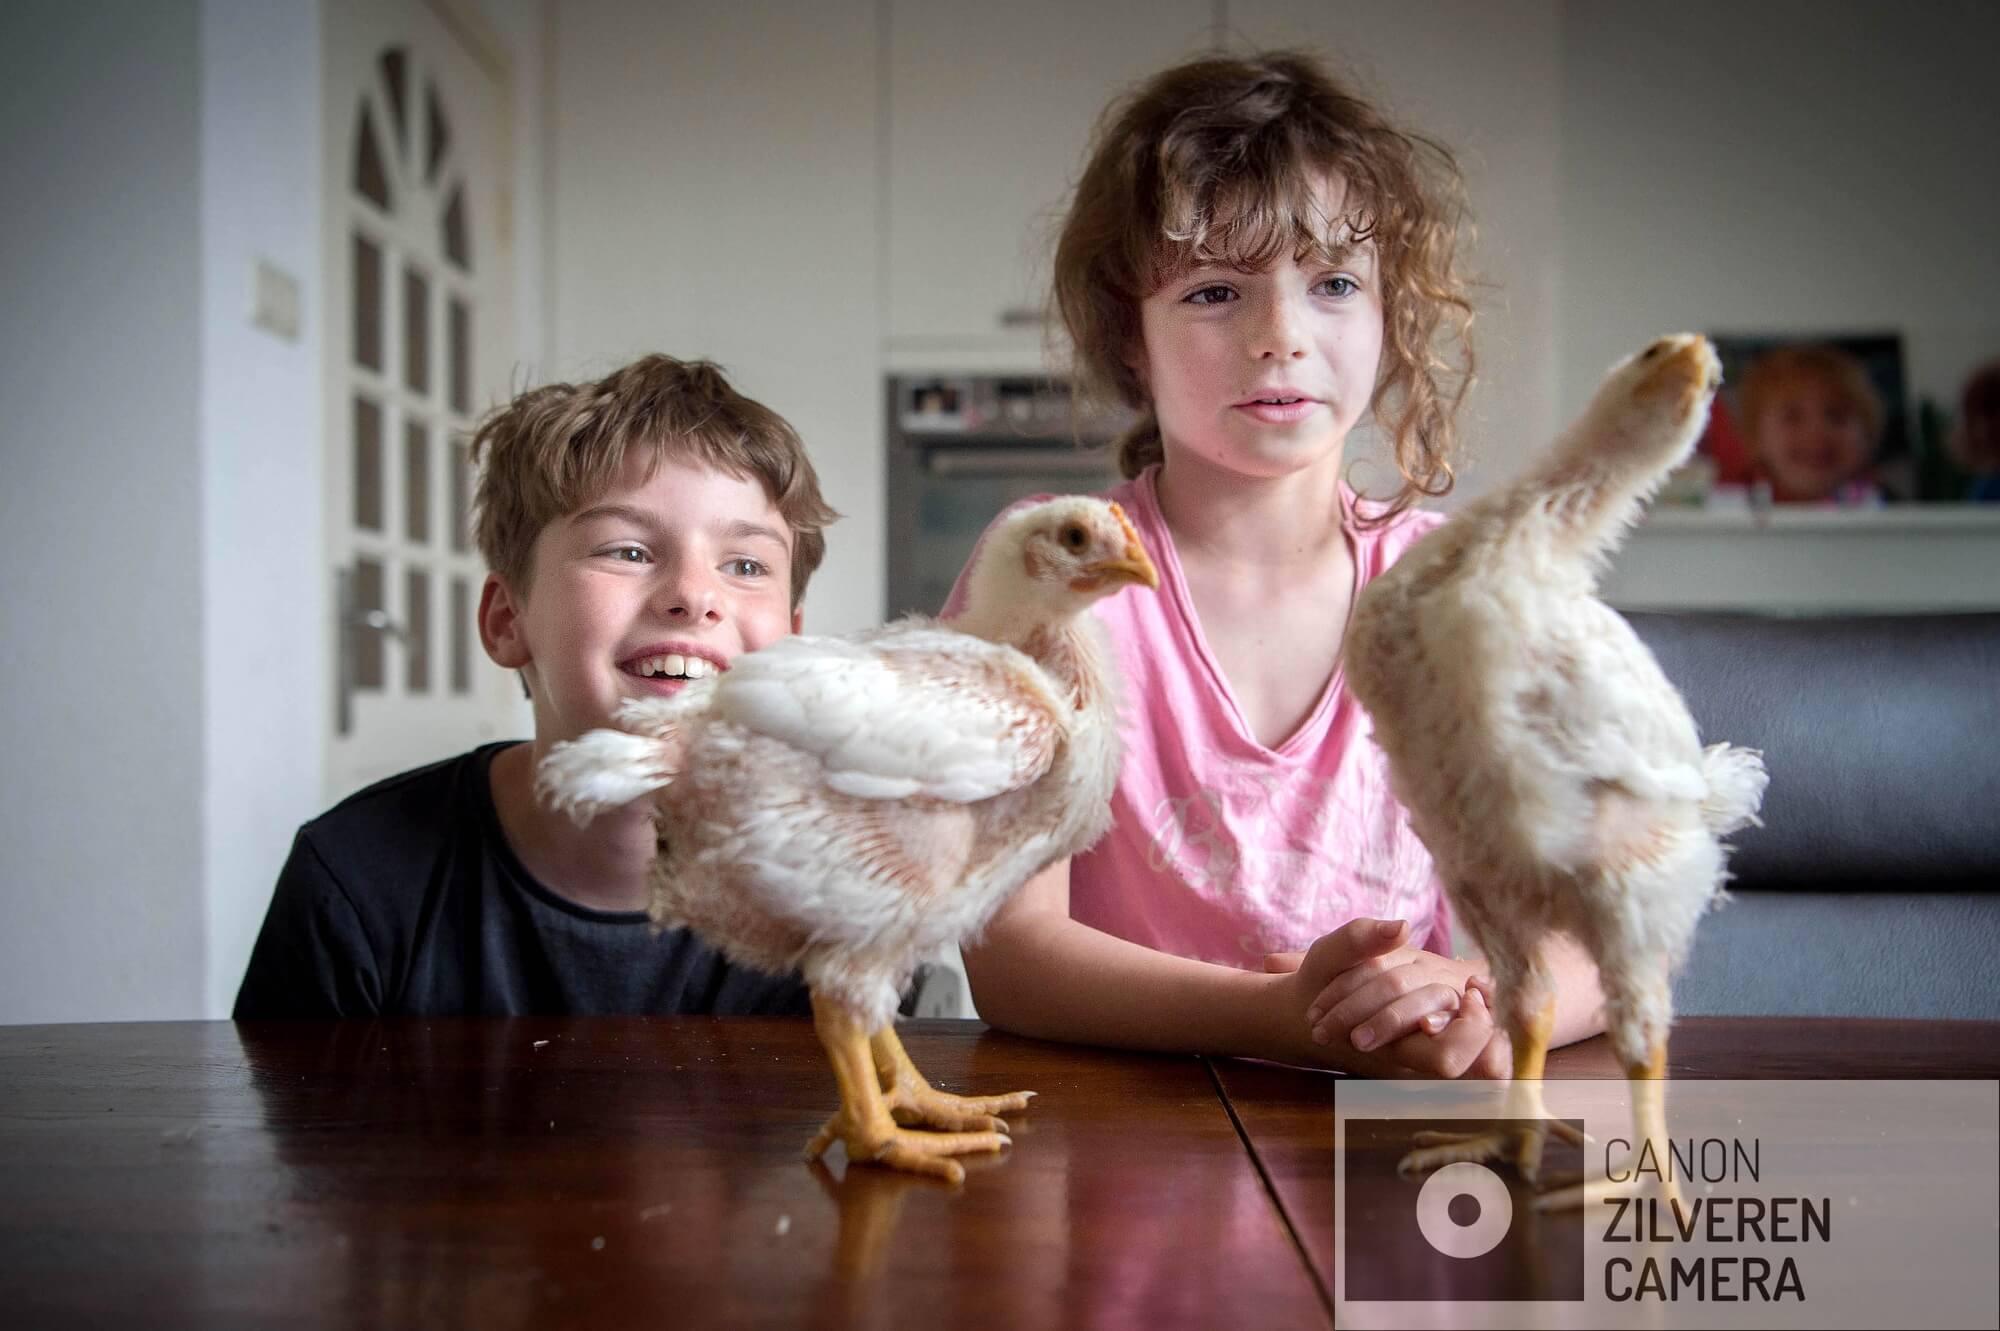 18-04-2018. VUGHT. Familie Beks doet mee aan het project Doehetzelfkip. De familie Beks, waartoe naast vader Jeroen, moeder Marjolein,dochter Loïs (7)en zoon Tijmen (10) behoren, is een van de zes deelnemers aan het Doe-het-zelf-kipproject. Van ei tot aan de slacht.